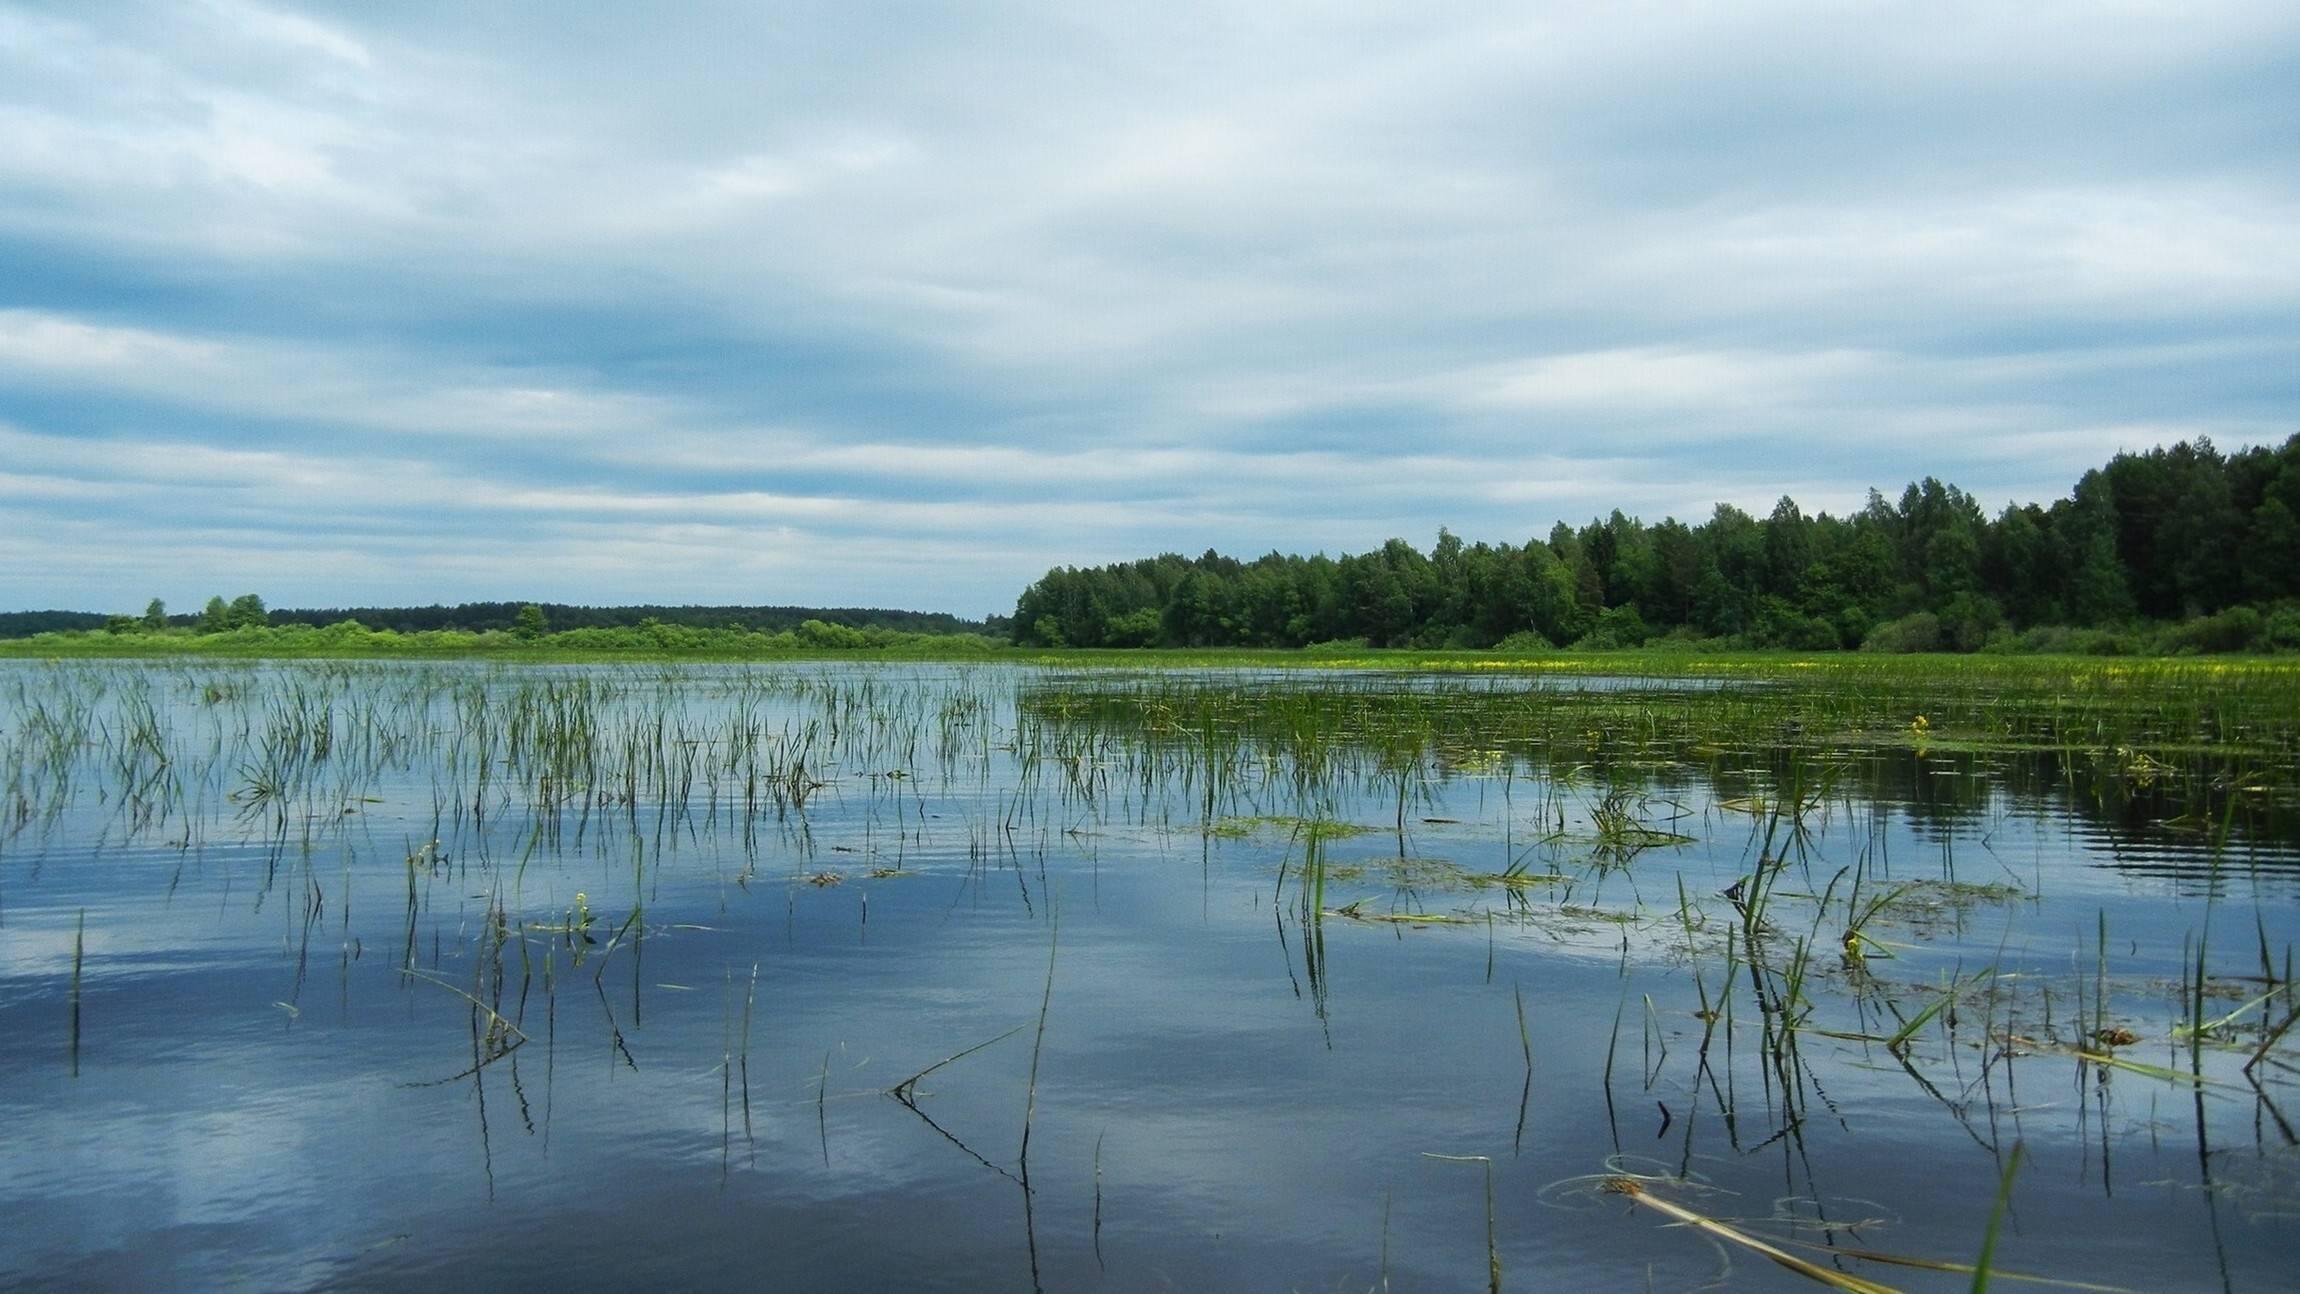 Рыбалка в рязанской области - озера, реки, водохранилища, платные места